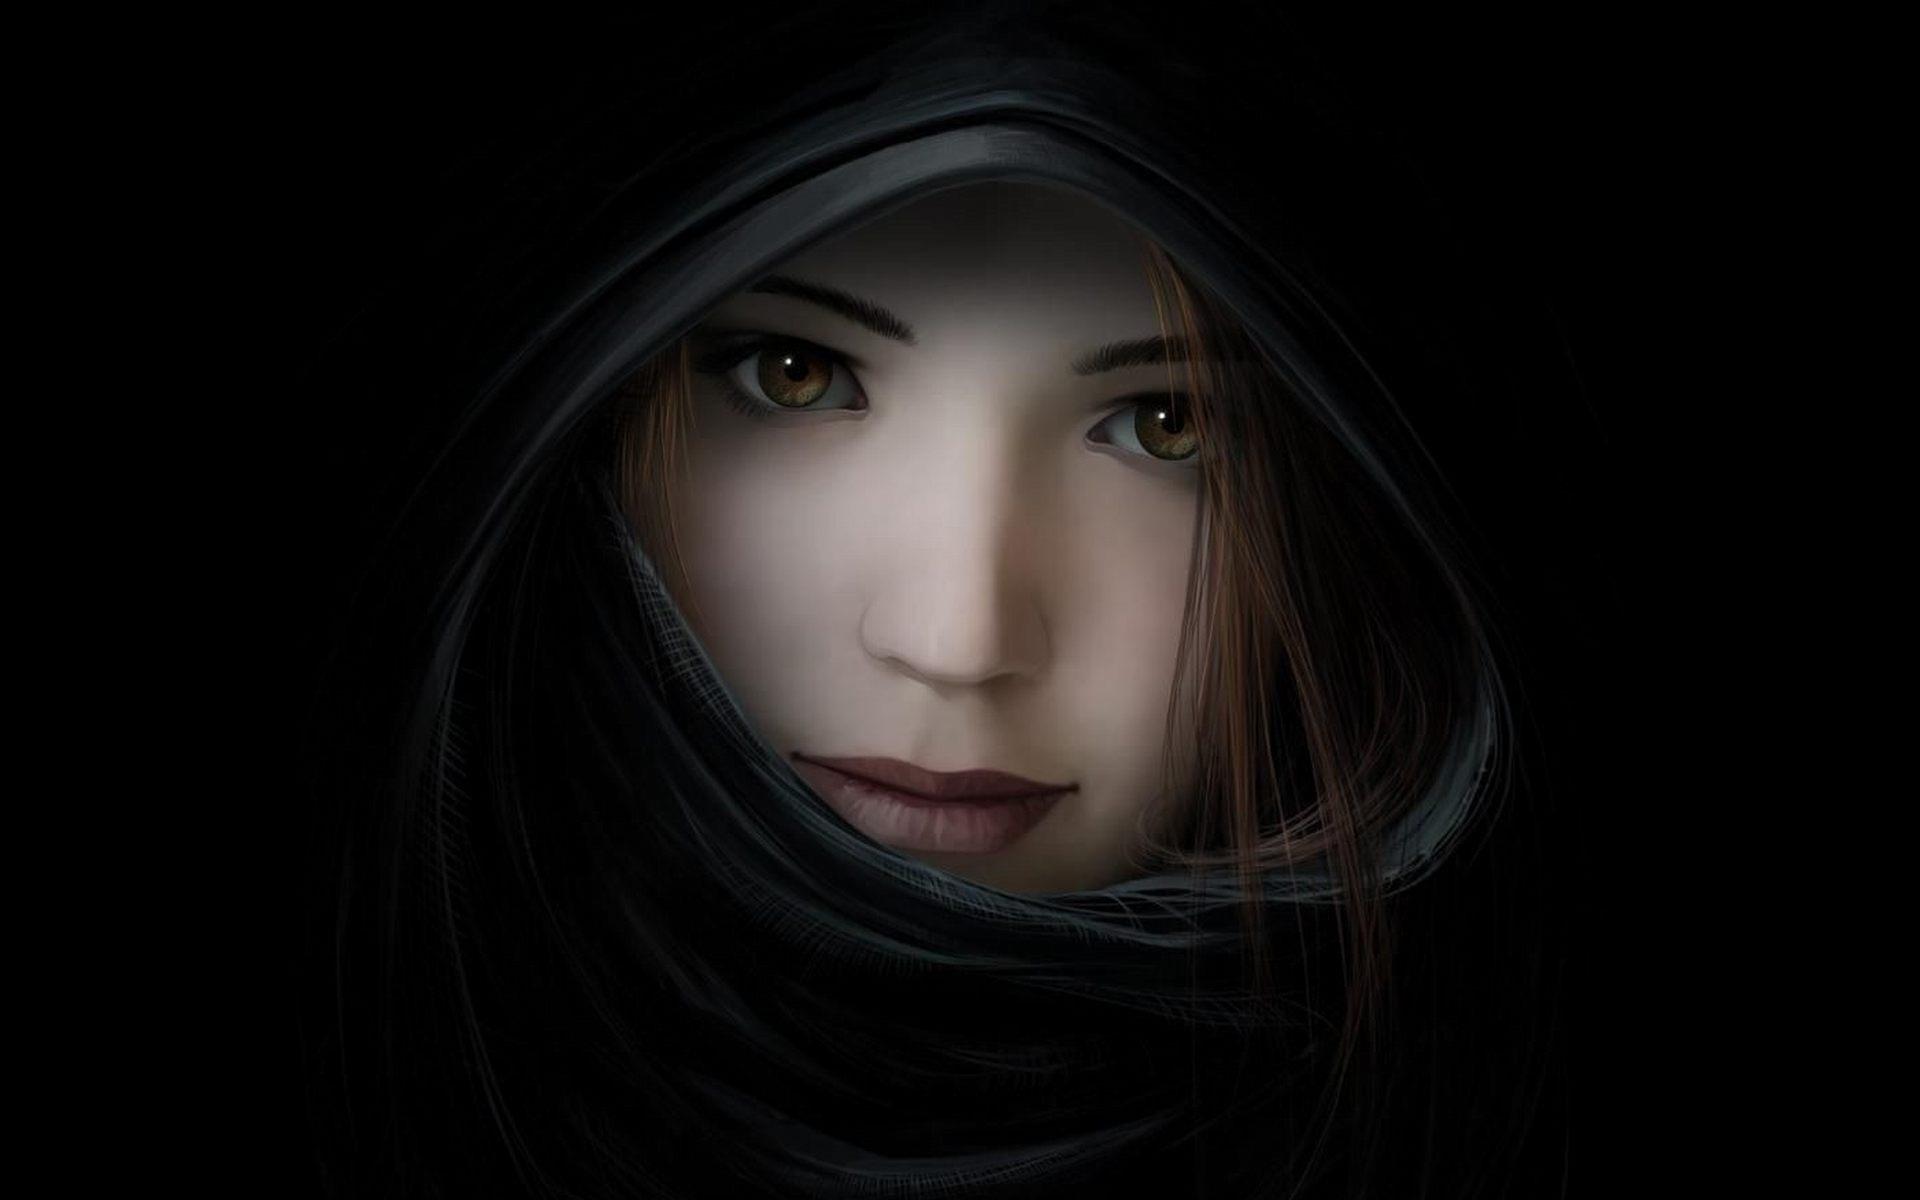 girl on dark wallpaper - photo #27